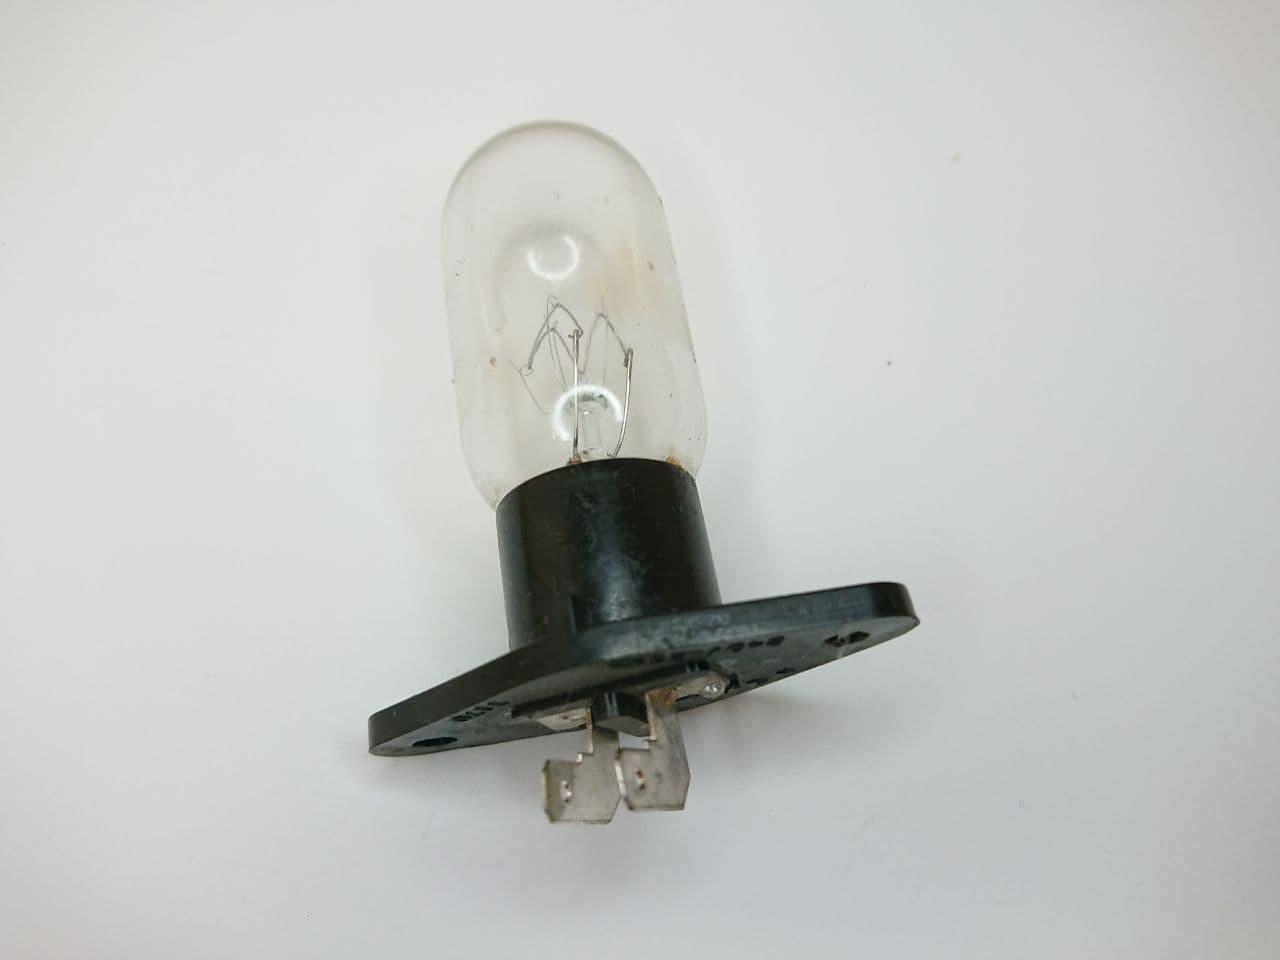 Лампочка для мікрохвильовки  25ВТ LG 6912W3B002D б.у.